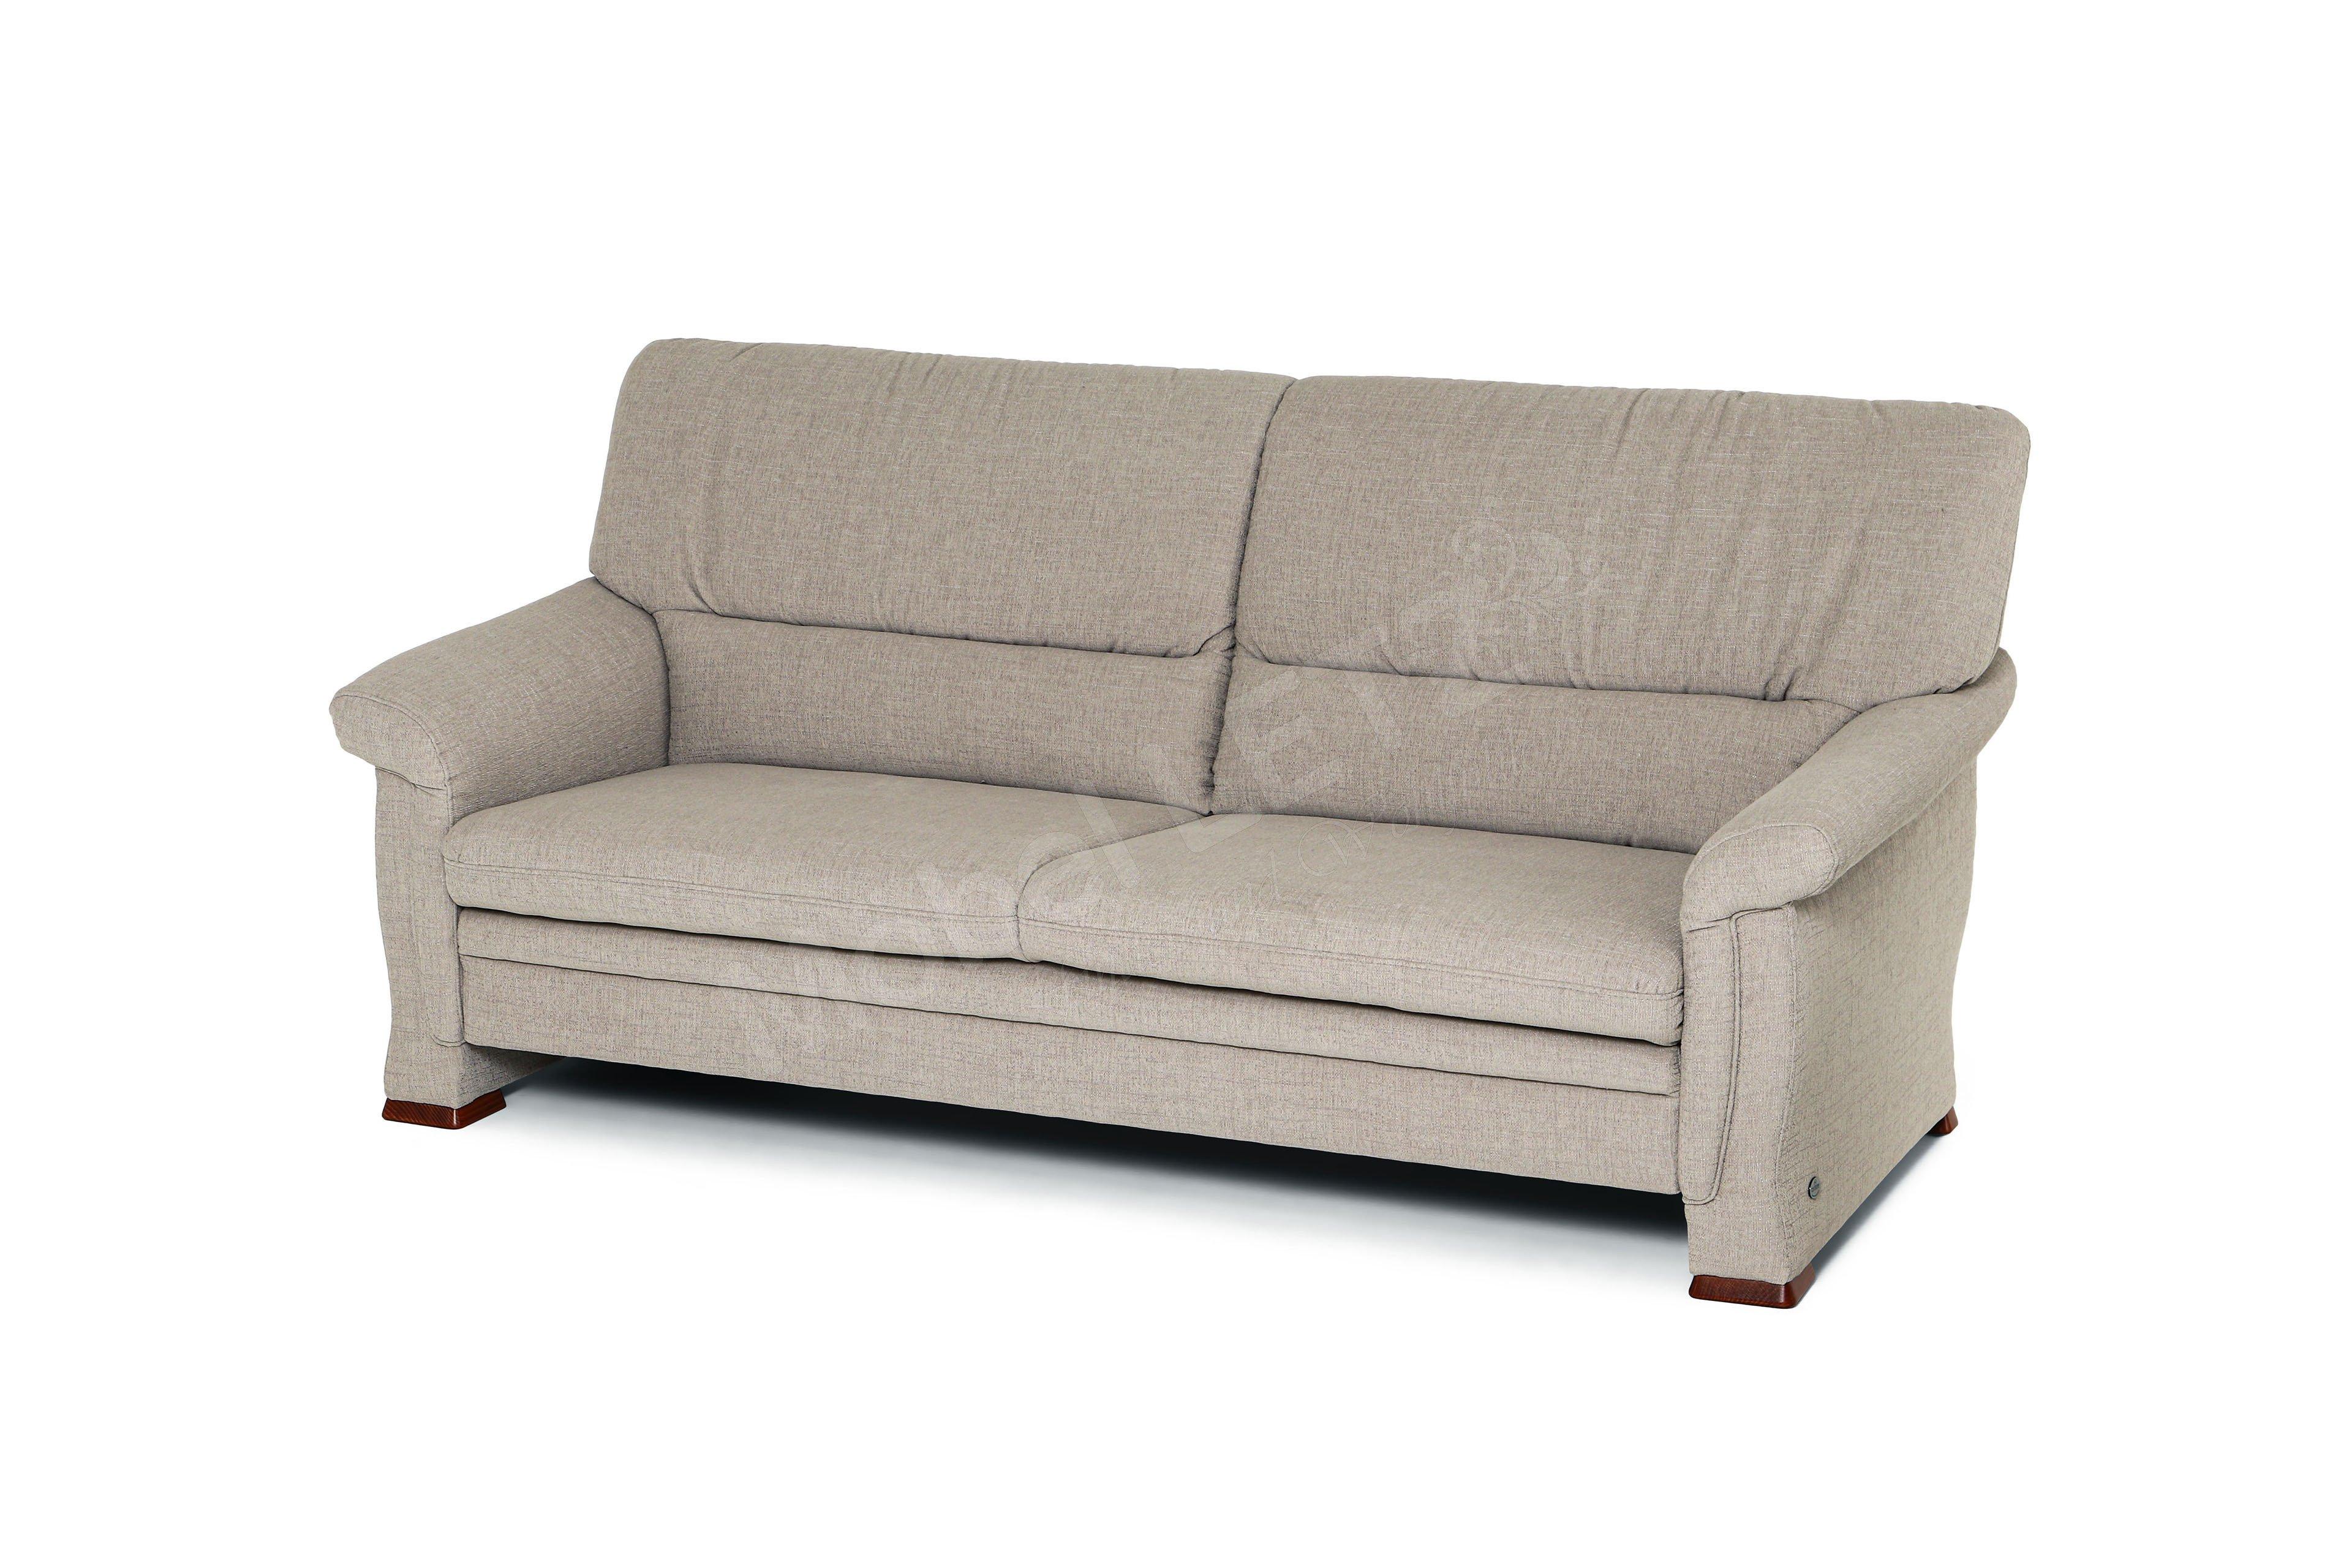 himolla 2253 polstergarnitur in hellgr n m bel letz ihr online shop. Black Bedroom Furniture Sets. Home Design Ideas